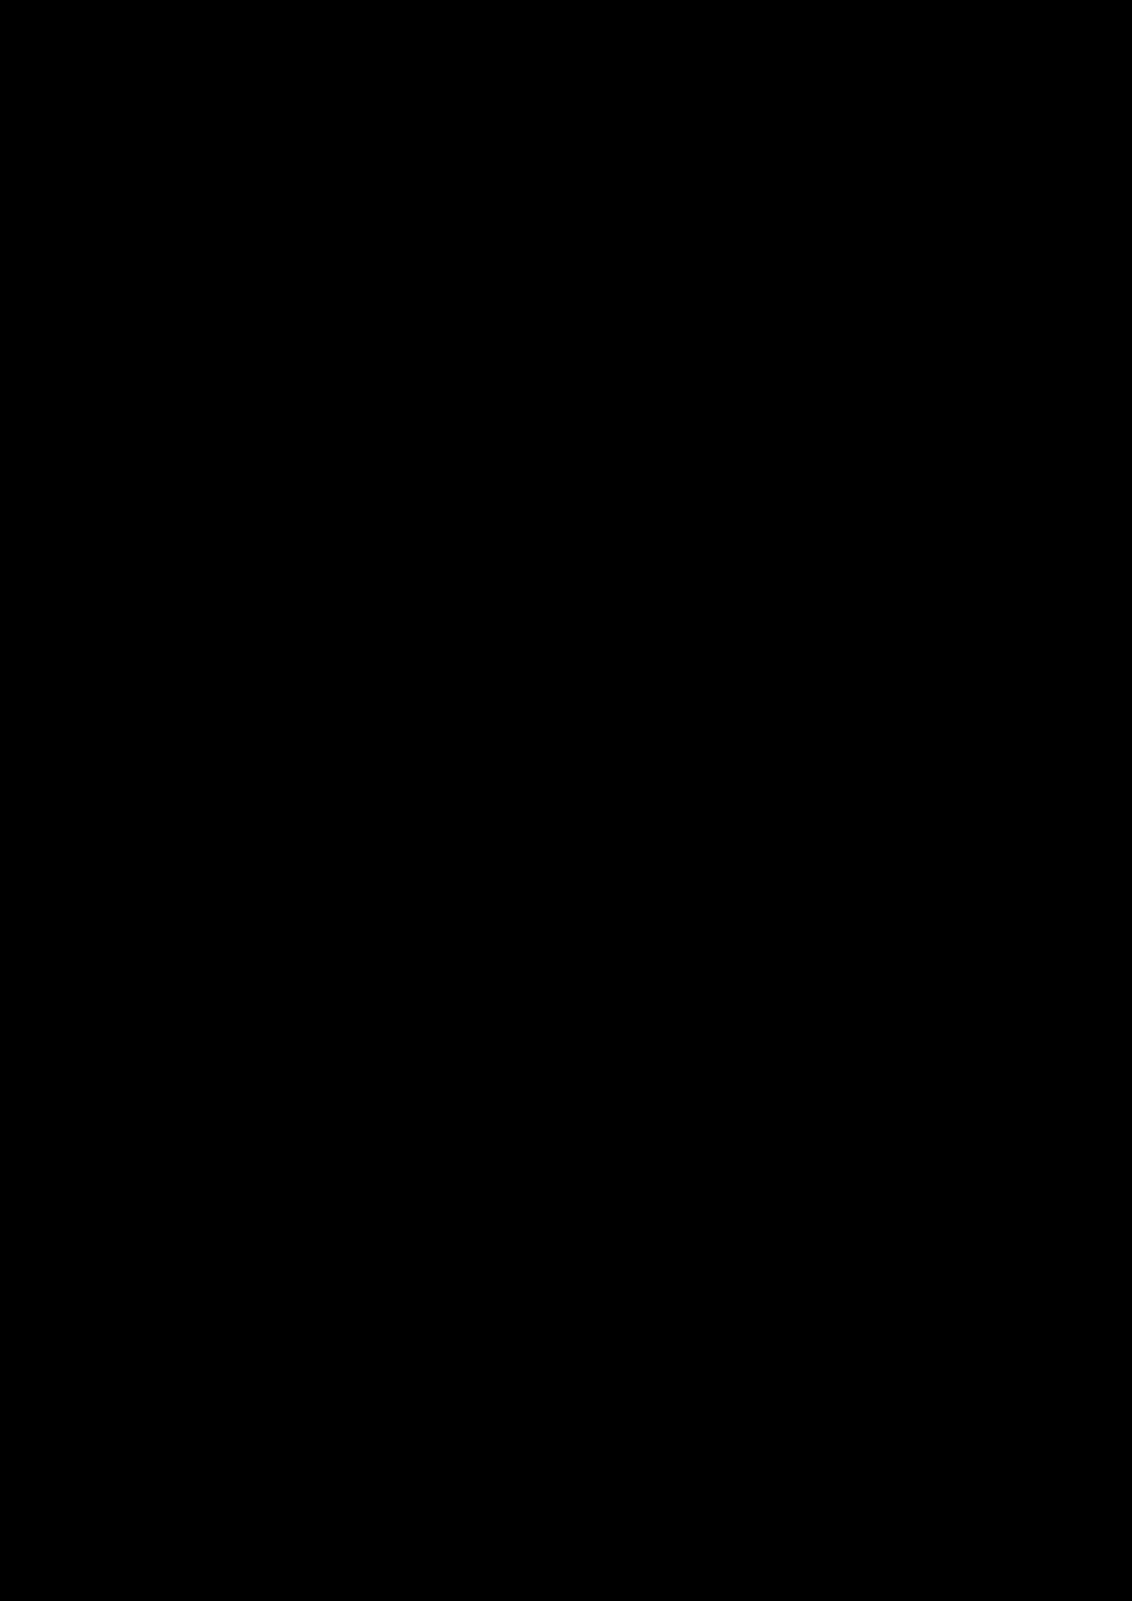 Vyibor Est slide, Image 63